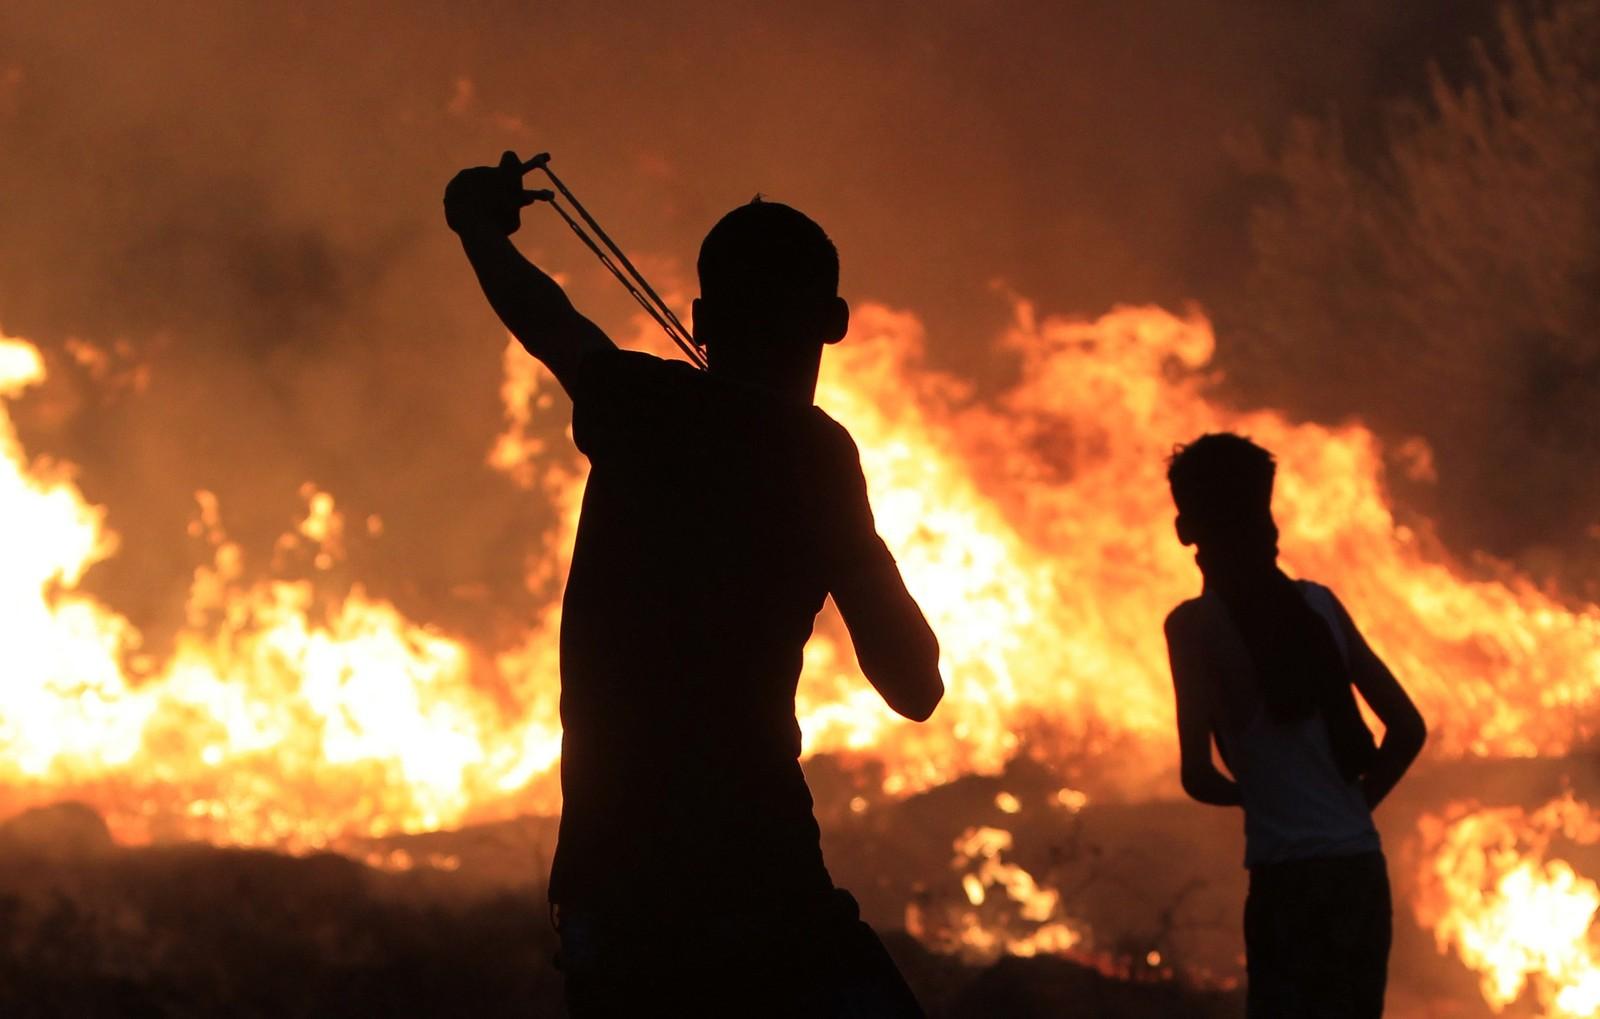 En palestiner bruker en sprettert under en konfrontasjon med Israelske sikkerhetsstyrker. Palestinerne protesterer som en reaksjon på at et 18 måneder gammelt barn ble drept i et israelsk angrep tidligere denne uken.